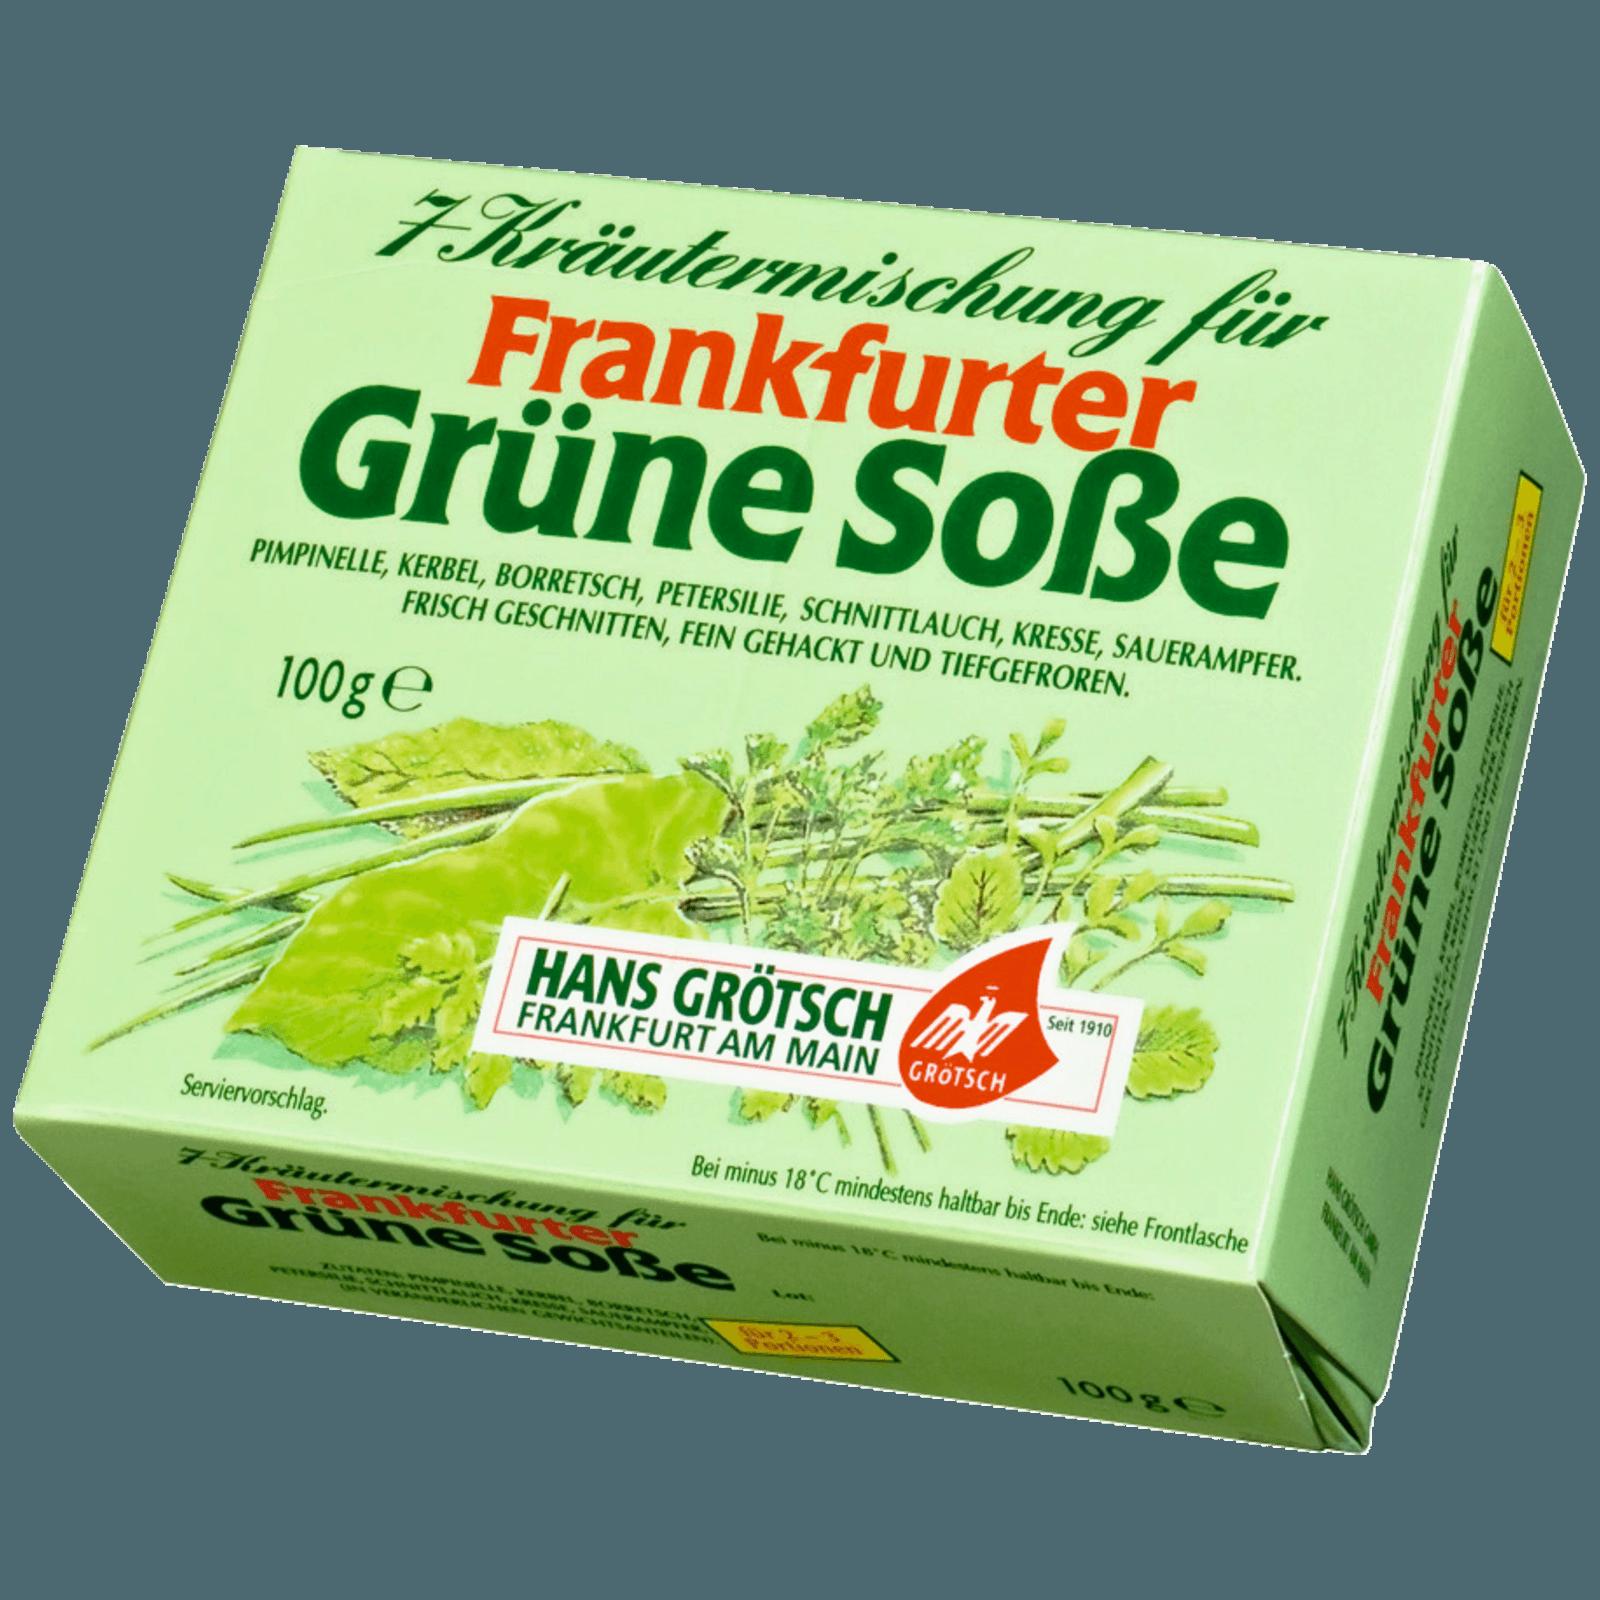 Hans Grotsch Frankfurter Grune Sosse 100g Bei Rewe Online Bestellen Frankfurter Grune Sosse Grune Sosse Rewe